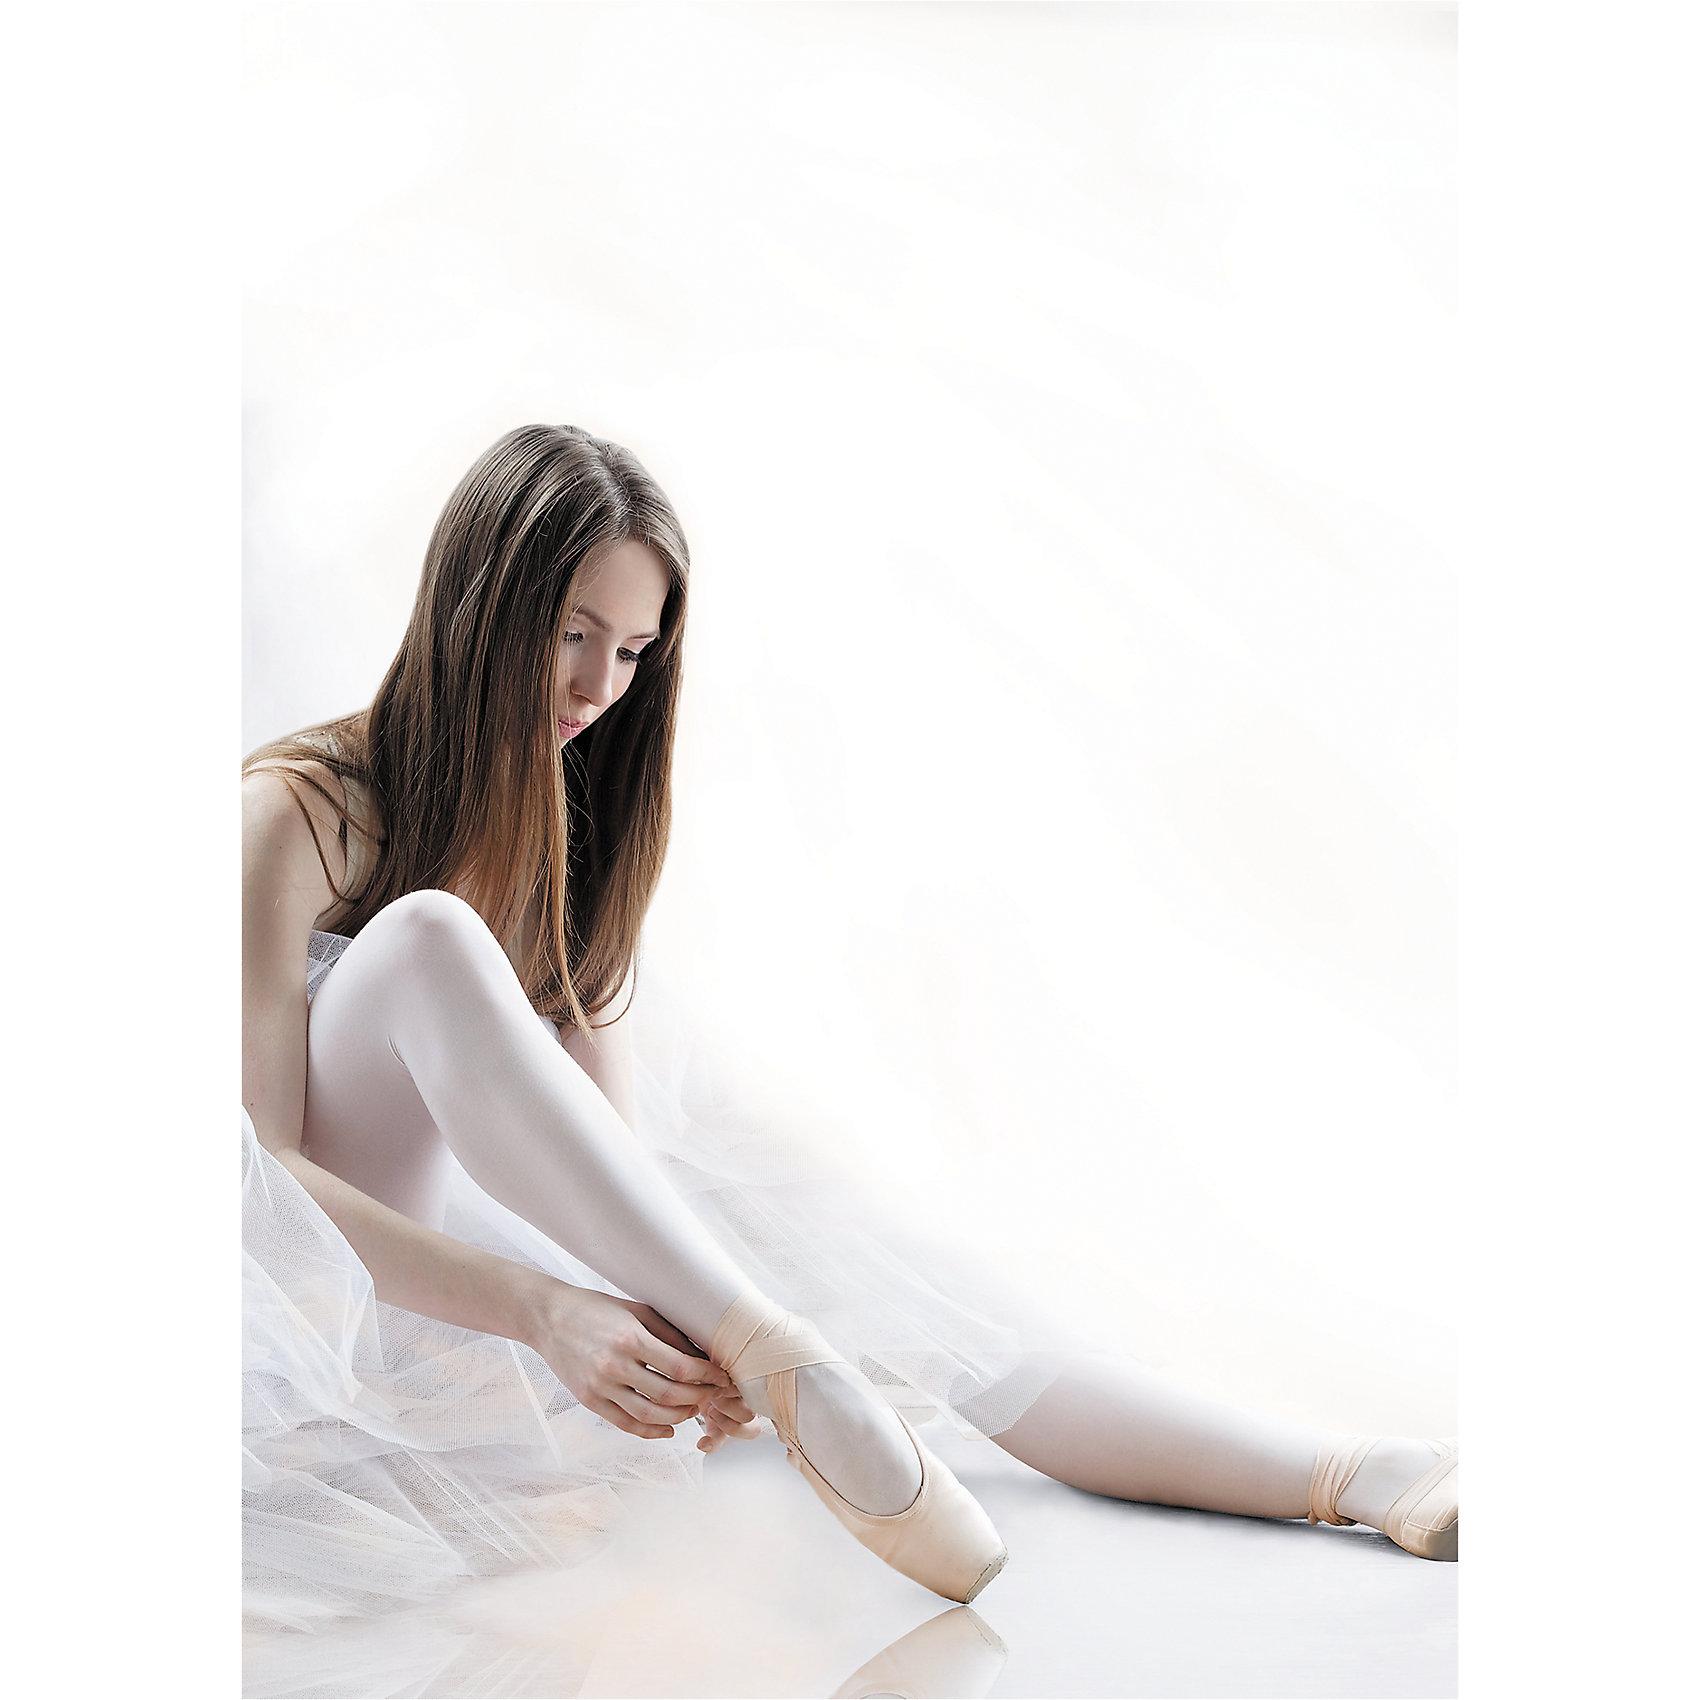 Колготки Knittex для девочкиКолготки<br>Колготки Knittex для девочки<br>Однотонные непрозрачные колготки для танцев и балета из микрофибры плотностью 50 den.  За счет использования технологии 3D-пллетения изделие идеально облегает ногу, будто «вторая кожа», и сохраняет форму в течение длительного времени. Без шортиков. Плоские швы. Ластовица.  Укрепленный мысок. <br>Состав:<br>полиамид 92%, эластан 8%<br><br>Ширина мм: 123<br>Глубина мм: 10<br>Высота мм: 149<br>Вес г: 209<br>Цвет: белый<br>Возраст от месяцев: 72<br>Возраст до месяцев: 84<br>Пол: Женский<br>Возраст: Детский<br>Размер: 116/128,104/116<br>SKU: 7095993